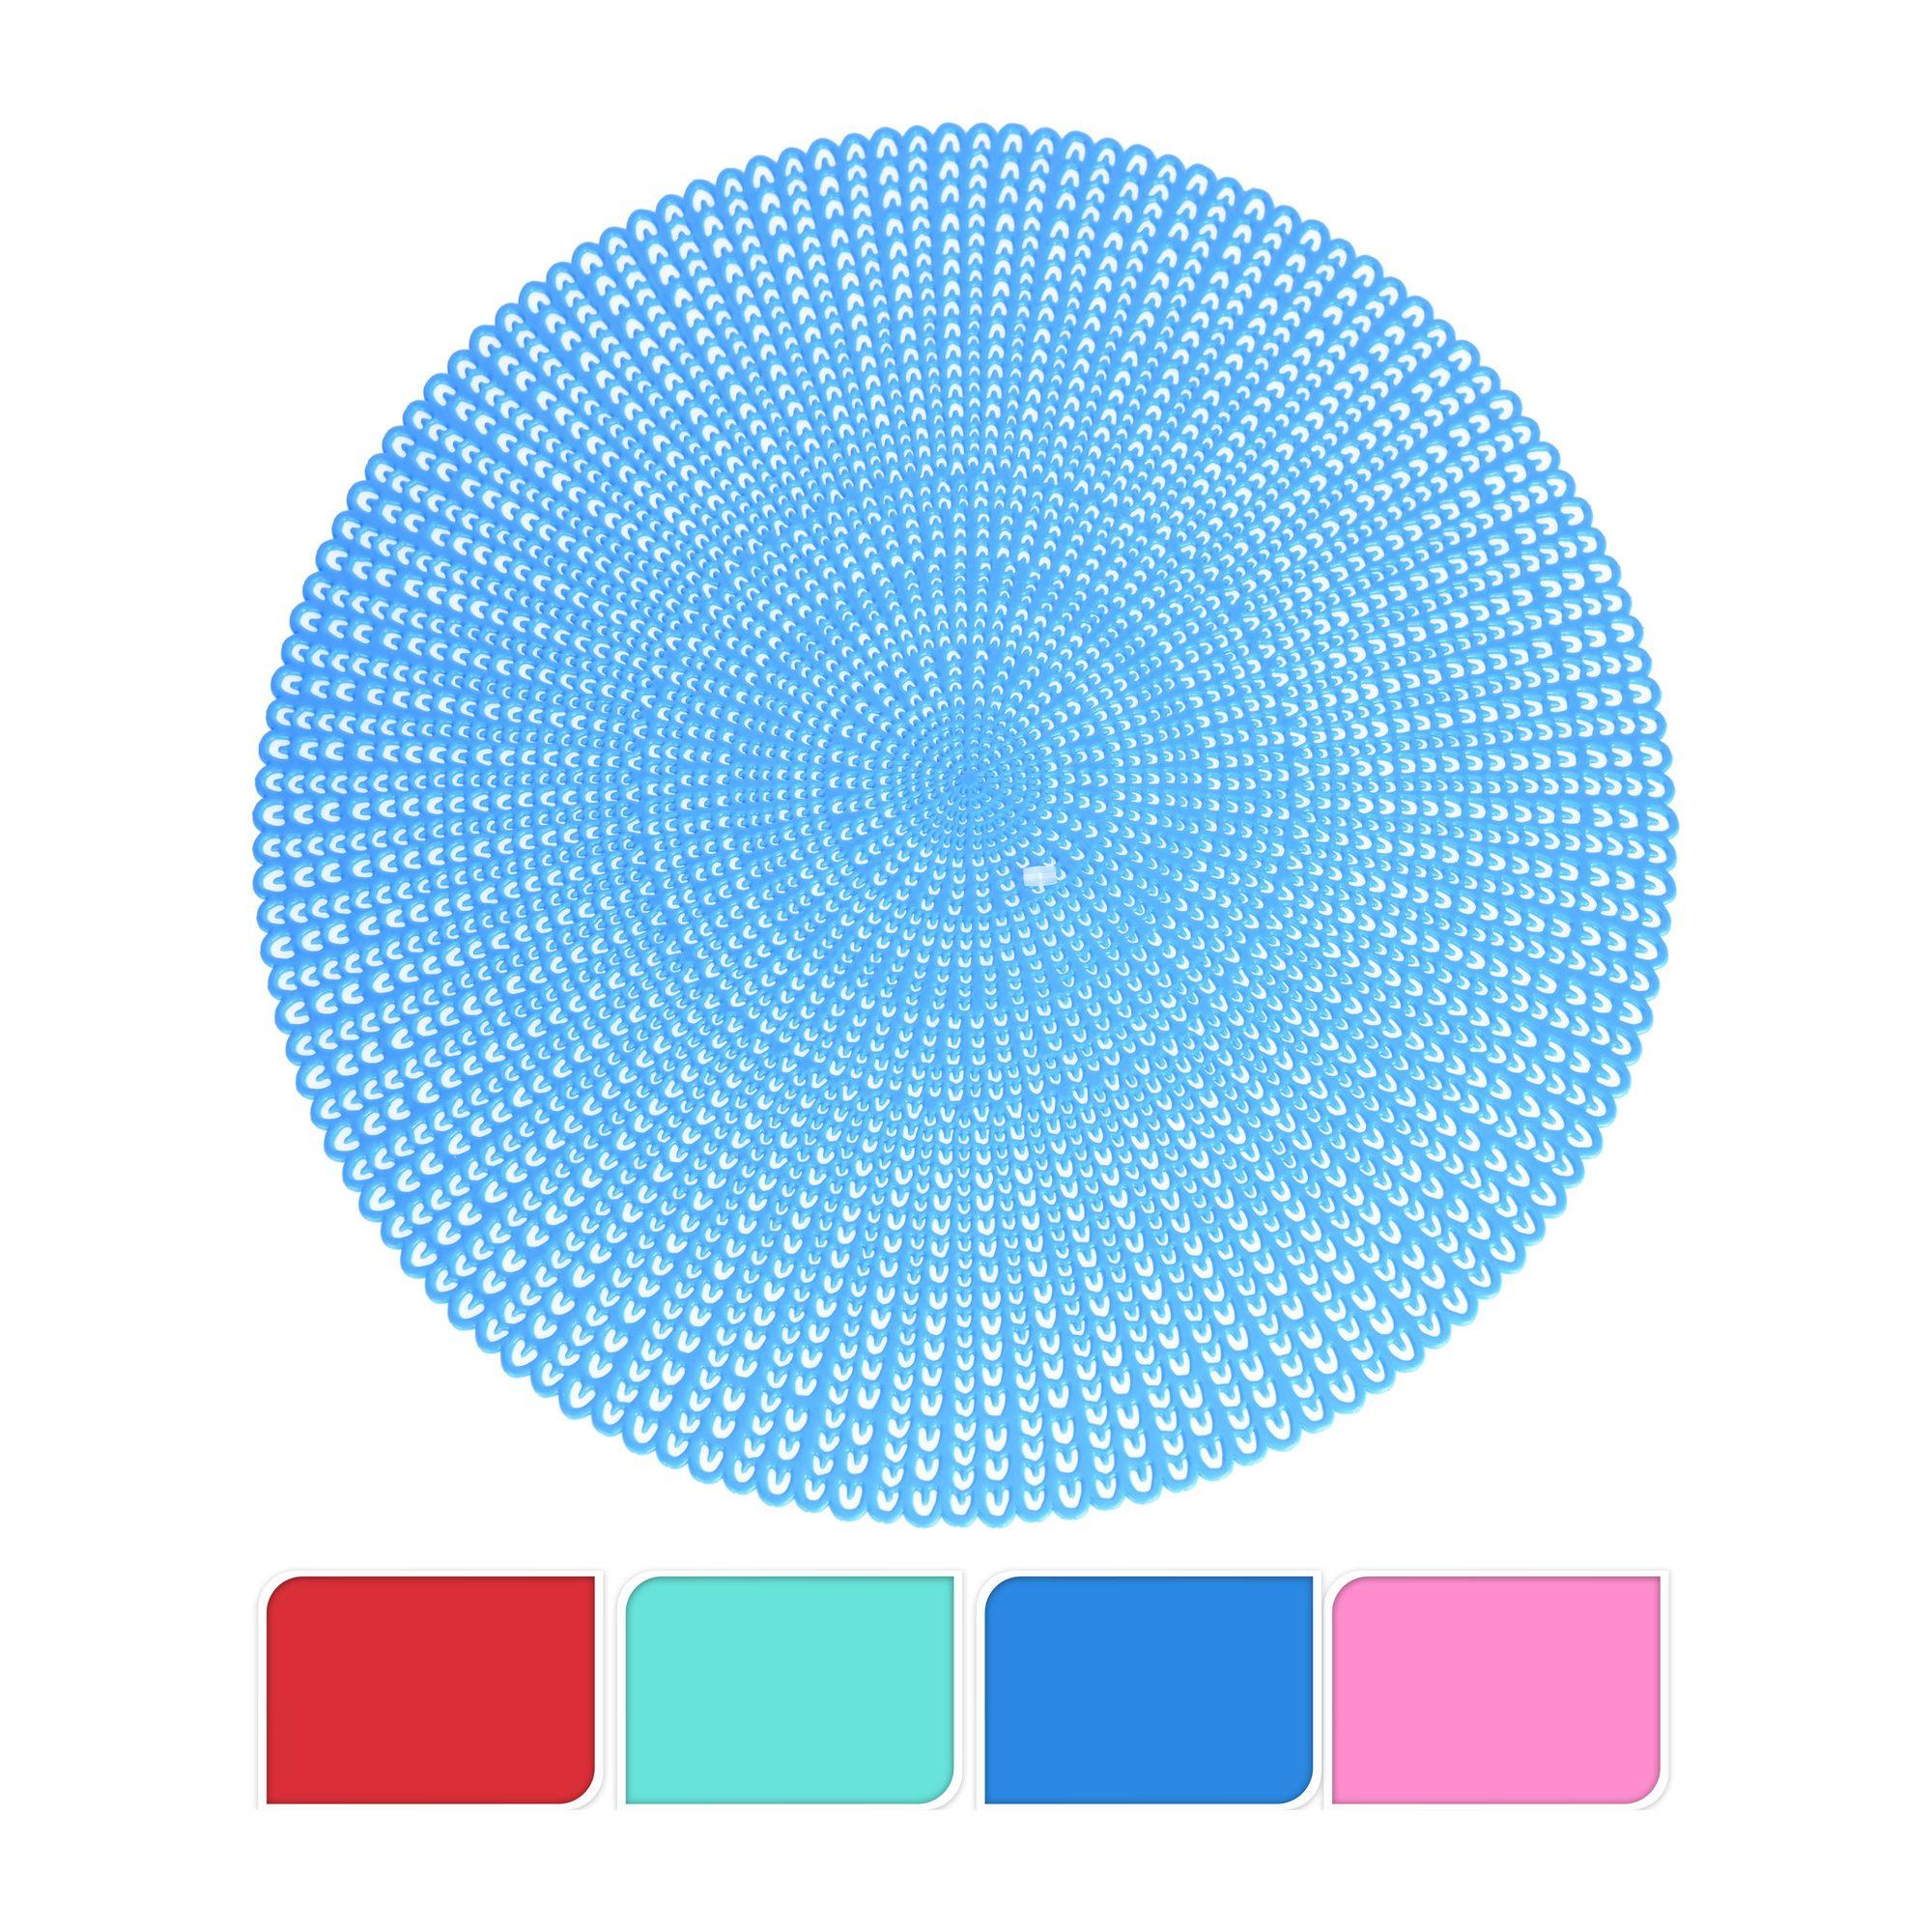 Салфетка сервировочнаяСалфетка сервировочная круглой формы выполнена под брендом Экселент Хаусвейр. Ее диаметр составляет 41 см, что оптимально подходит для размещения на поверхности стола. Салфетку можно использовать не только в качестве украшения, чтобы внешний вид стола был более интересным. Также ее размещают под тарелки и другую посуду, благодаря чему крошки еды не попадают на скатерть.Уход за сервировочной салфеткой несложный, все загрязнения с нее удаляются относительно быстро. Расцветка изделия яркая, она добавляет определенный акцент столу и защищает его поверхность от горячей посуды. Практичные салфетки подобного типа должны быть в каждом доме.<br>